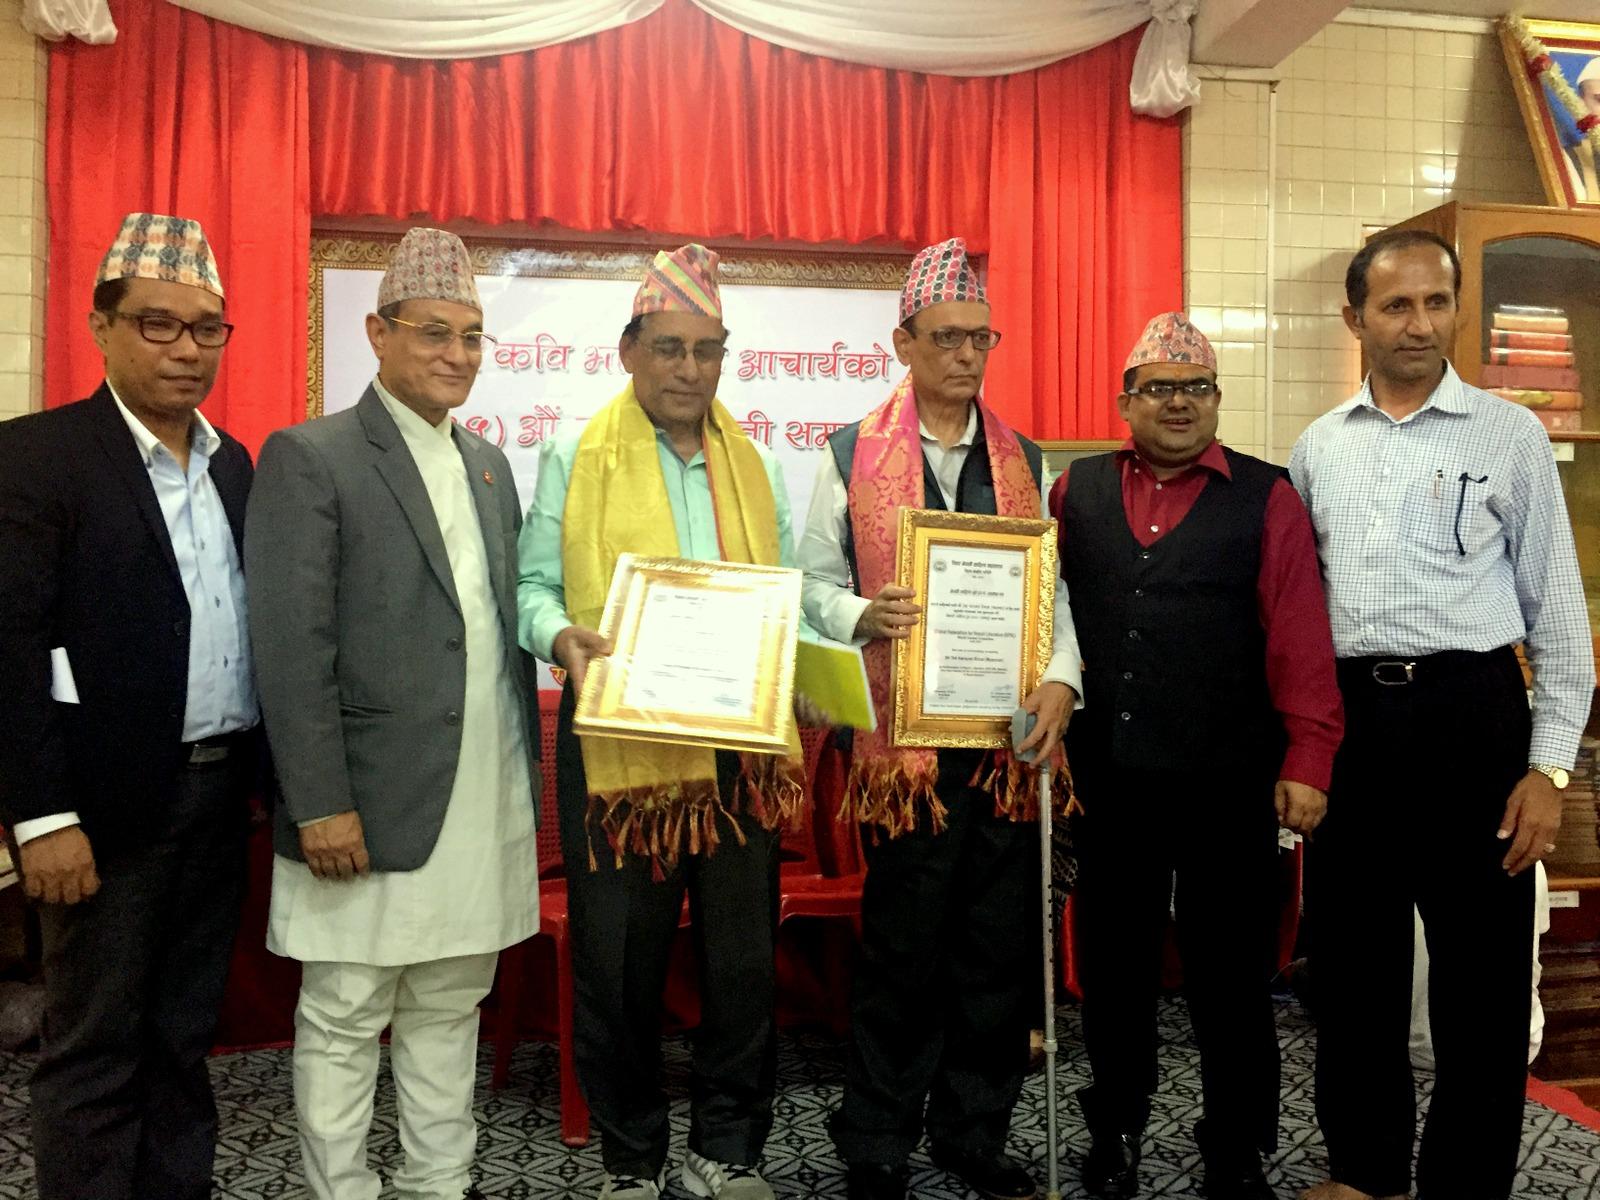 नेपालीभाषी वर्मेलीले मनाए म्यान्मारमा भानु जयन्ती